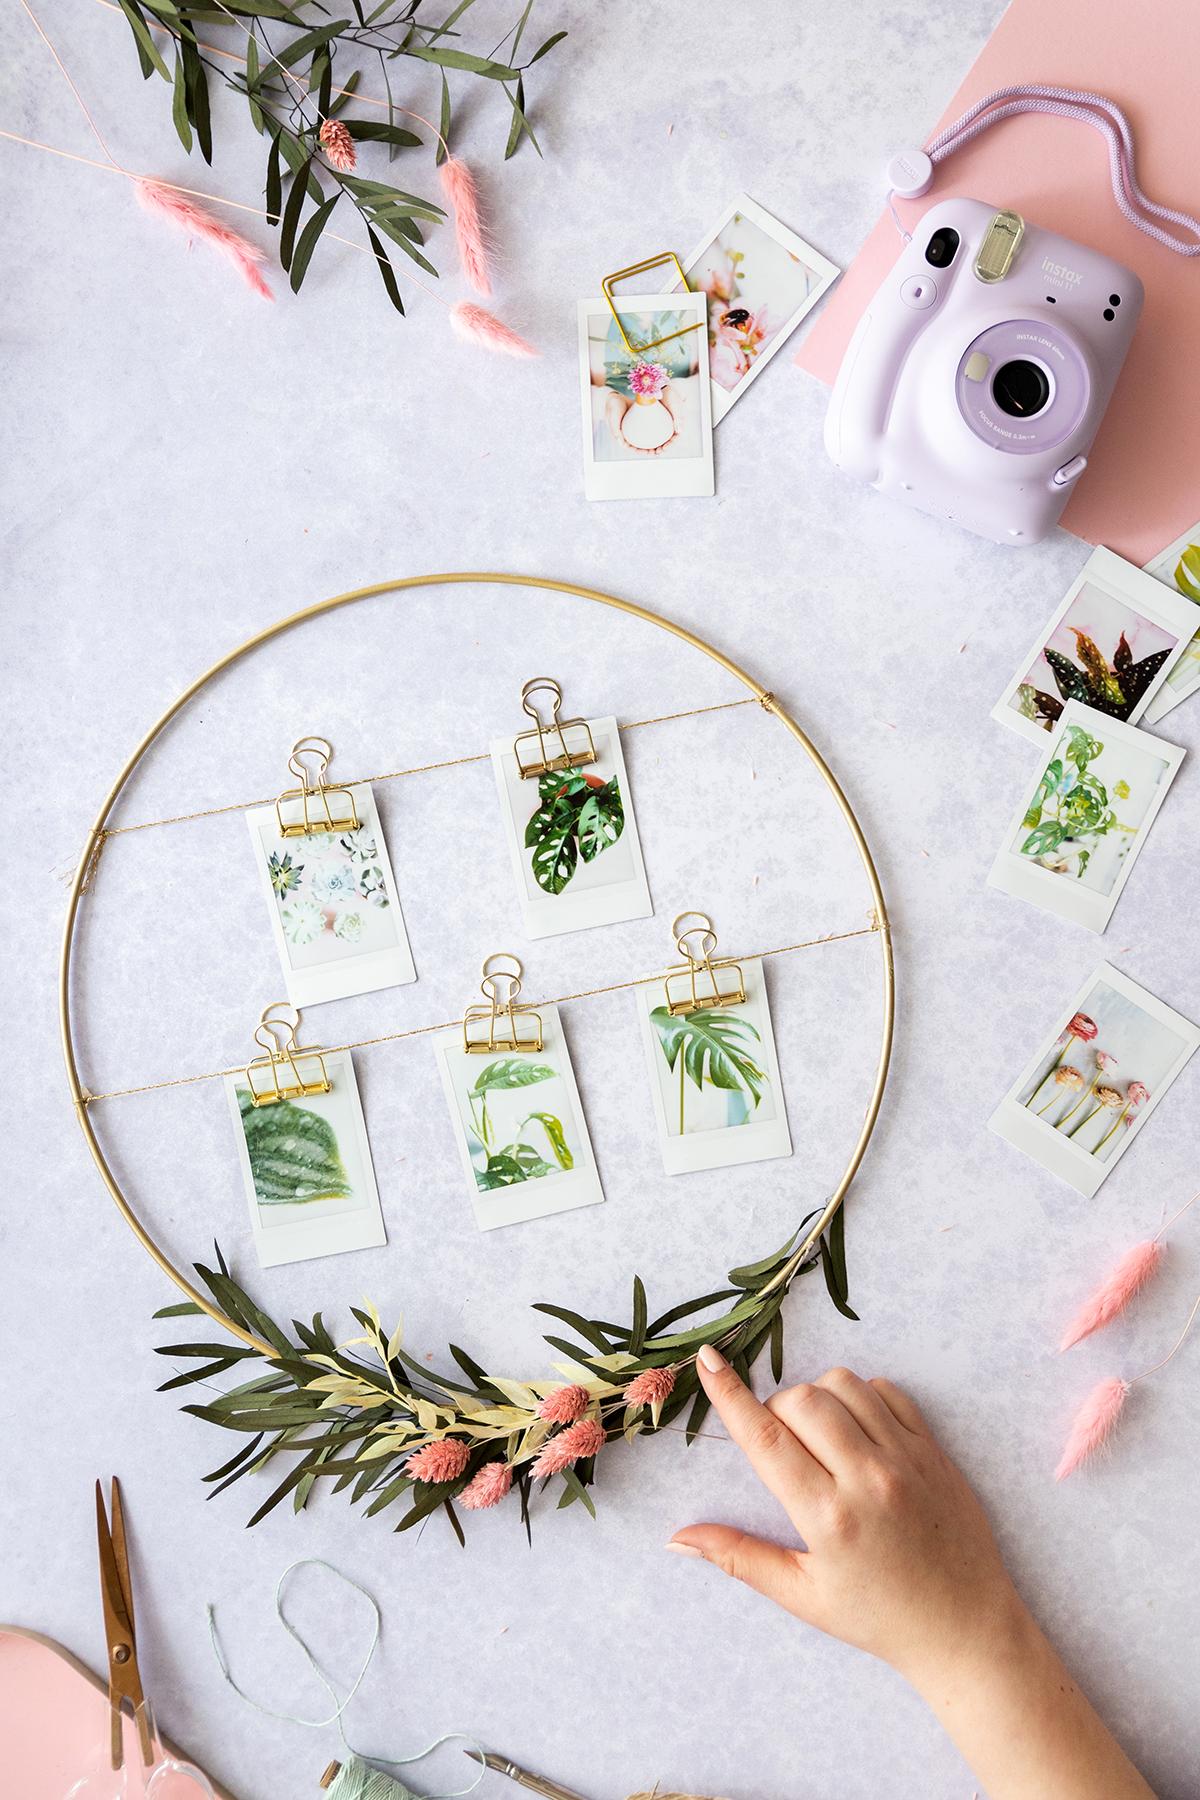 DIY Blumenkranz mit Sofortbildern und Trockenblumen gestalten ...